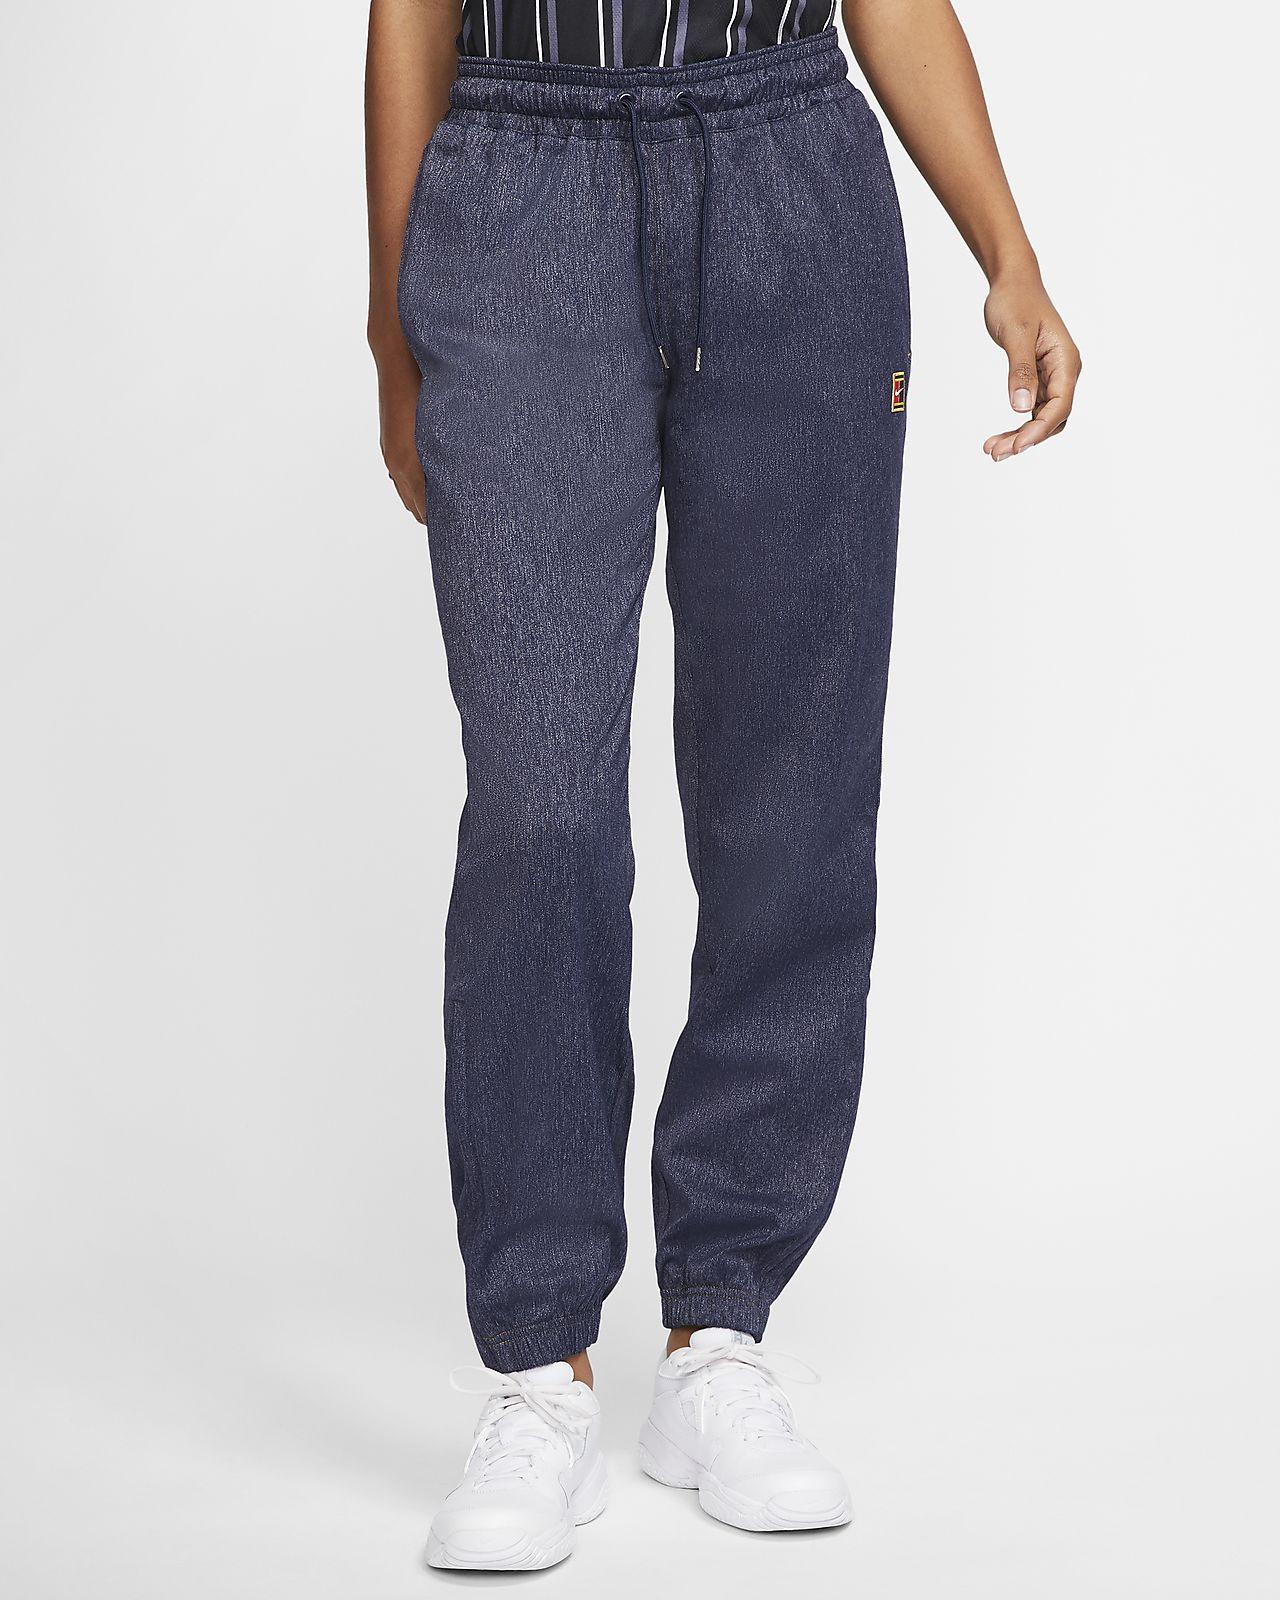 Pantalon de tennis NikeCourt pour Femme